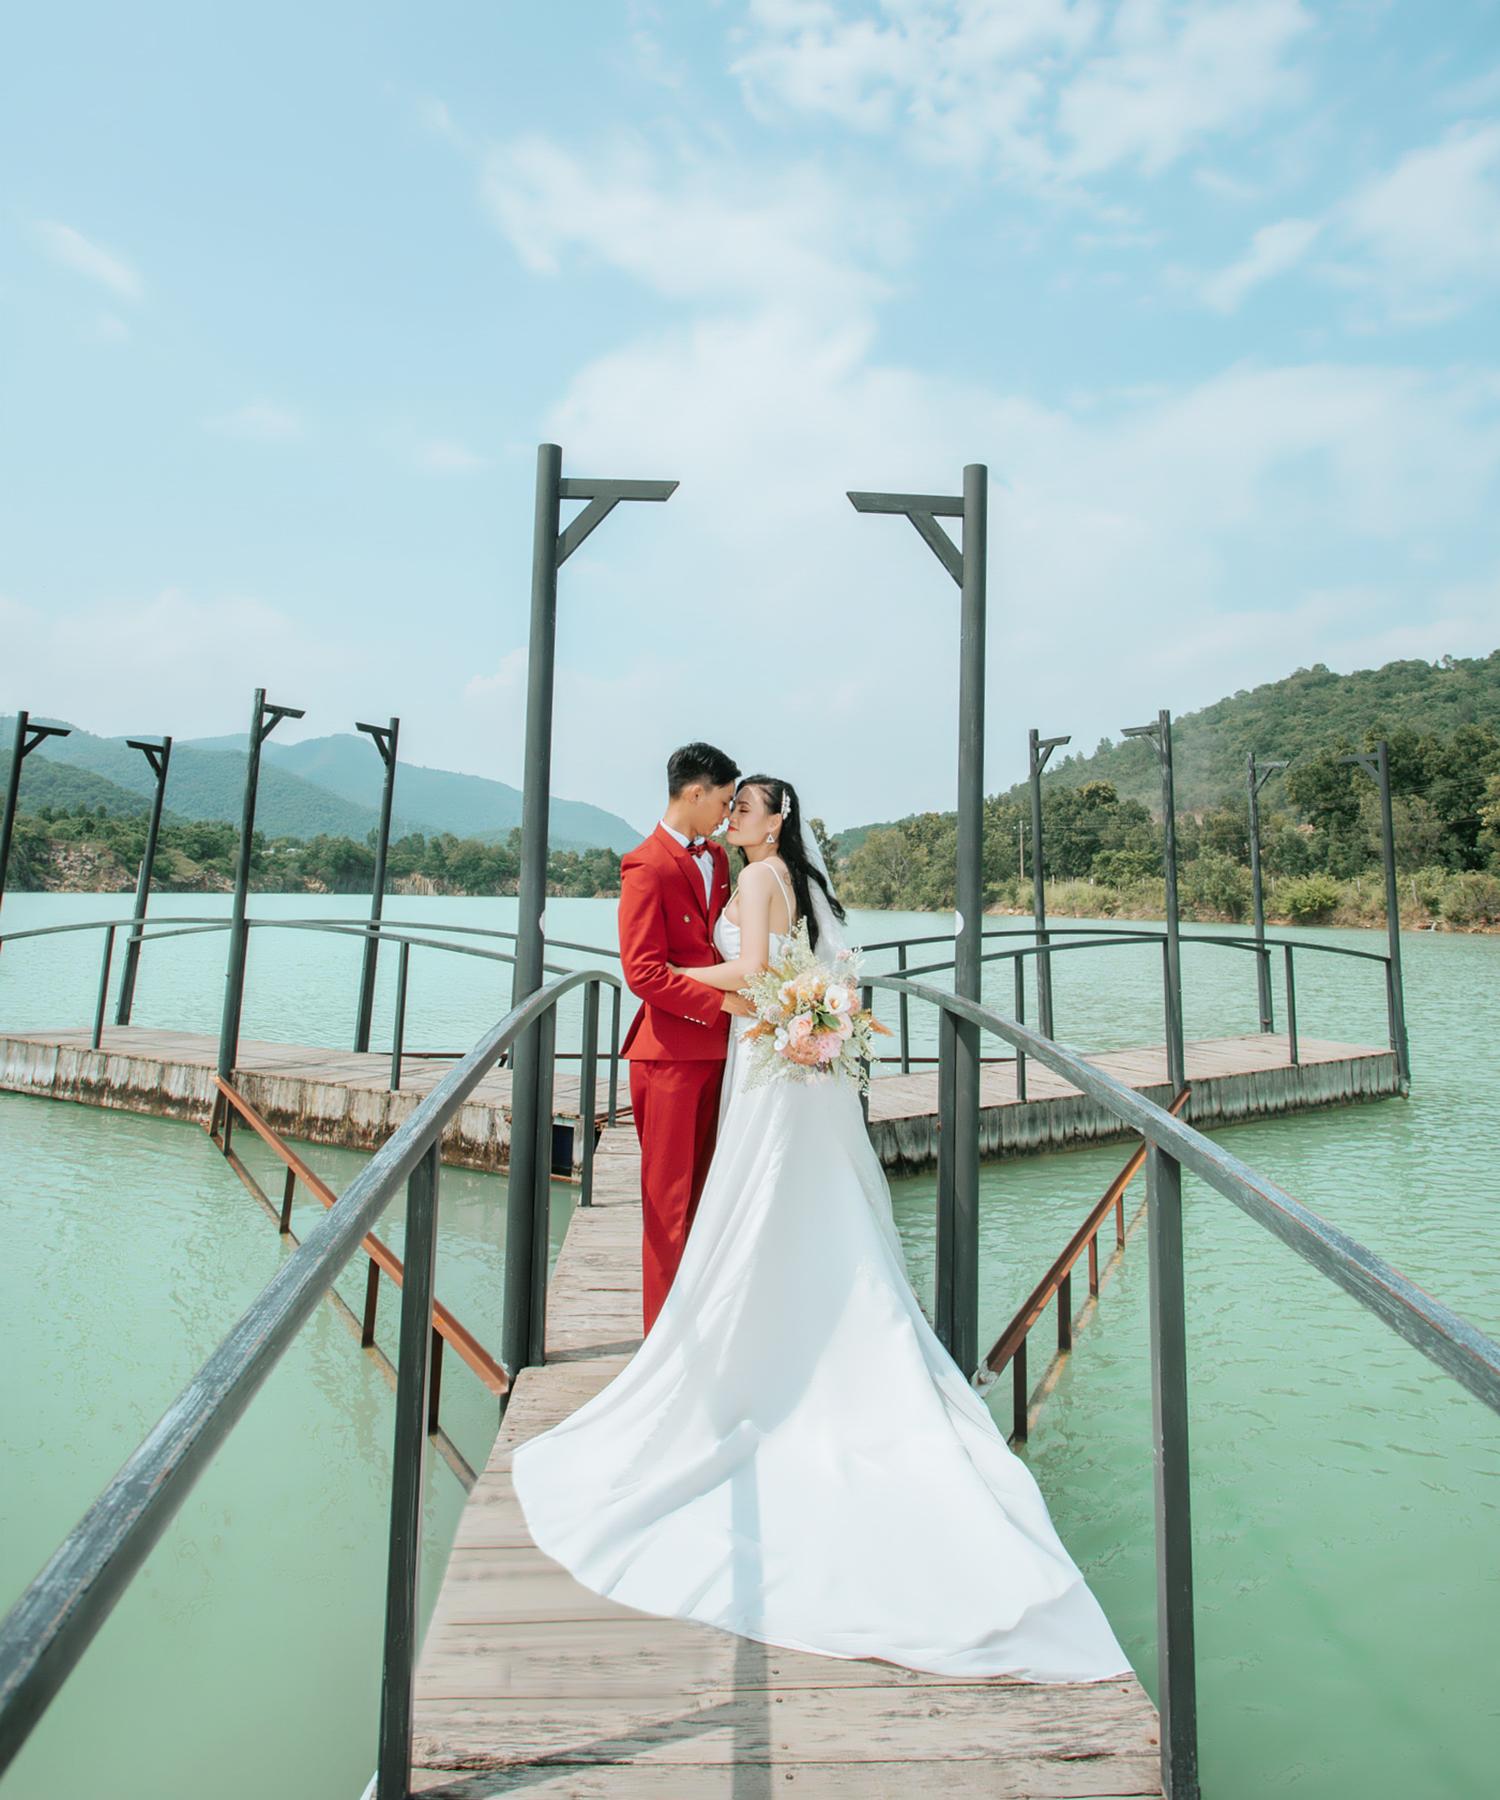 Chụp ảnh cưới ngoại cảnh Hồ Cốc Vũng Tàu 02